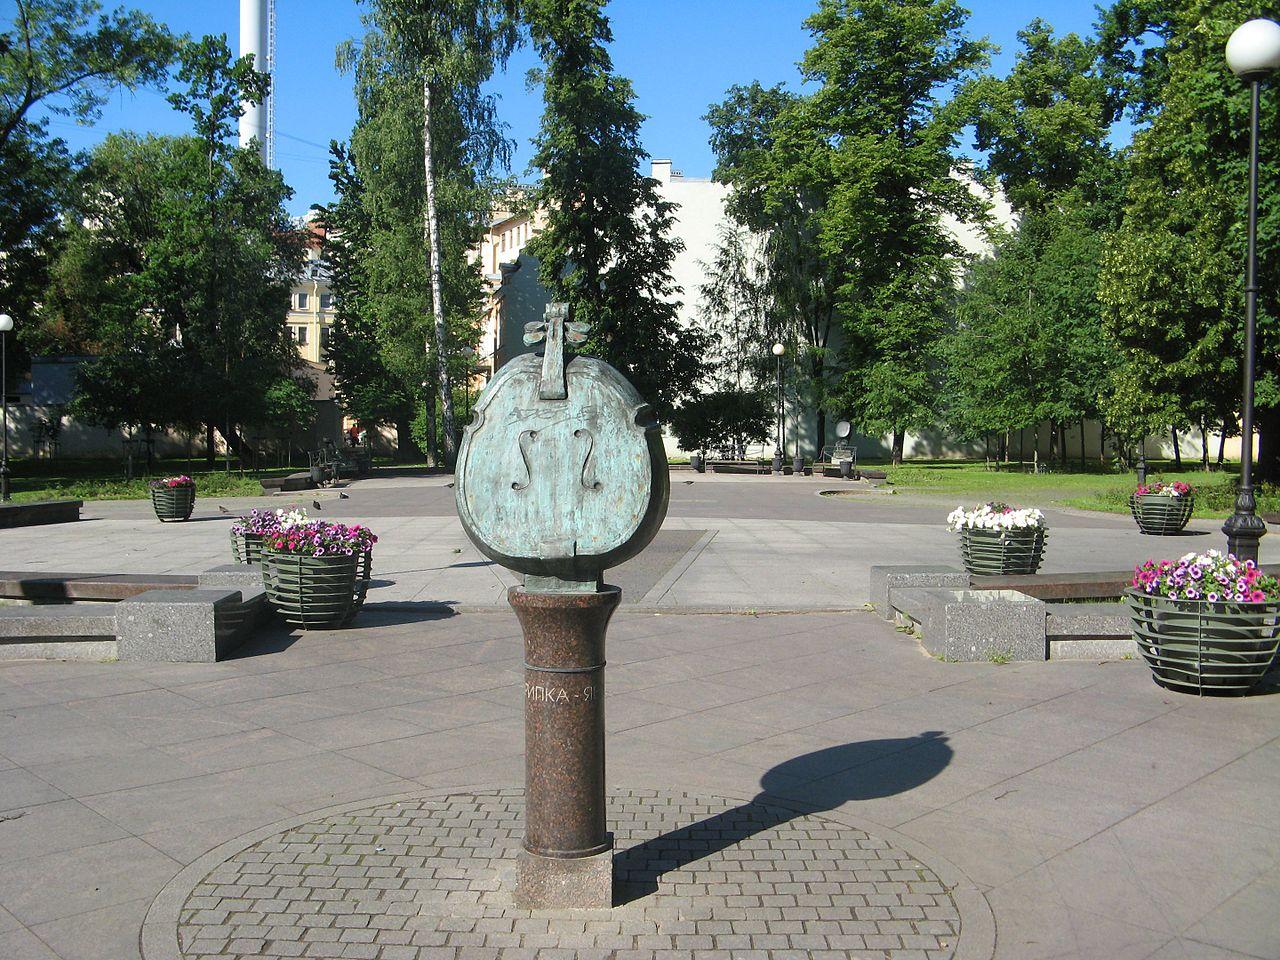 Сквер Андрея Петрова. Автор фото: Екатерина Борисова (Wikimedia Commons)